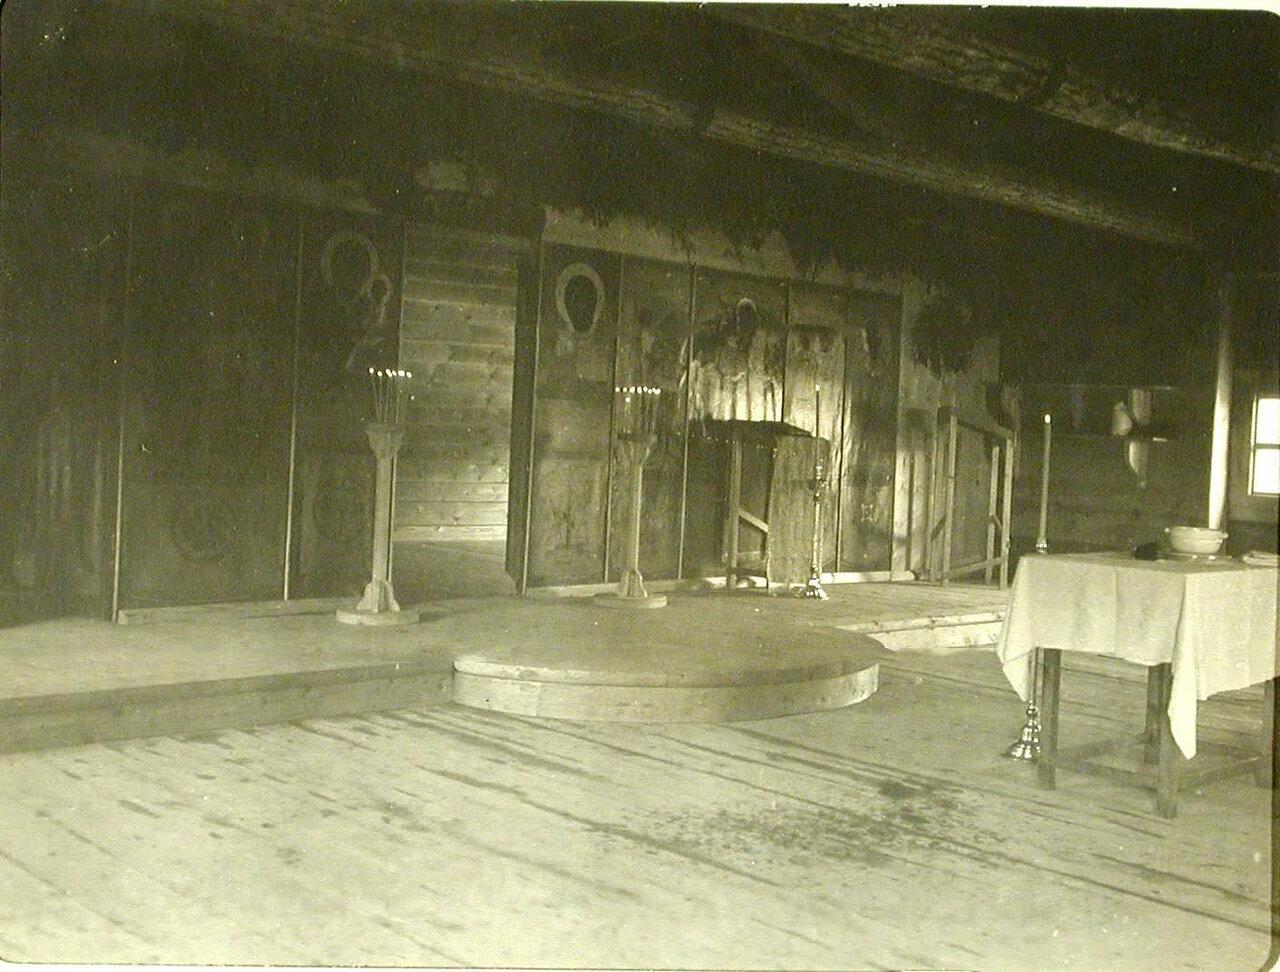 91.Внутренний вид походной церкви великой княгини Елизаветы Федоровны. Забайкальская обл. Танхой